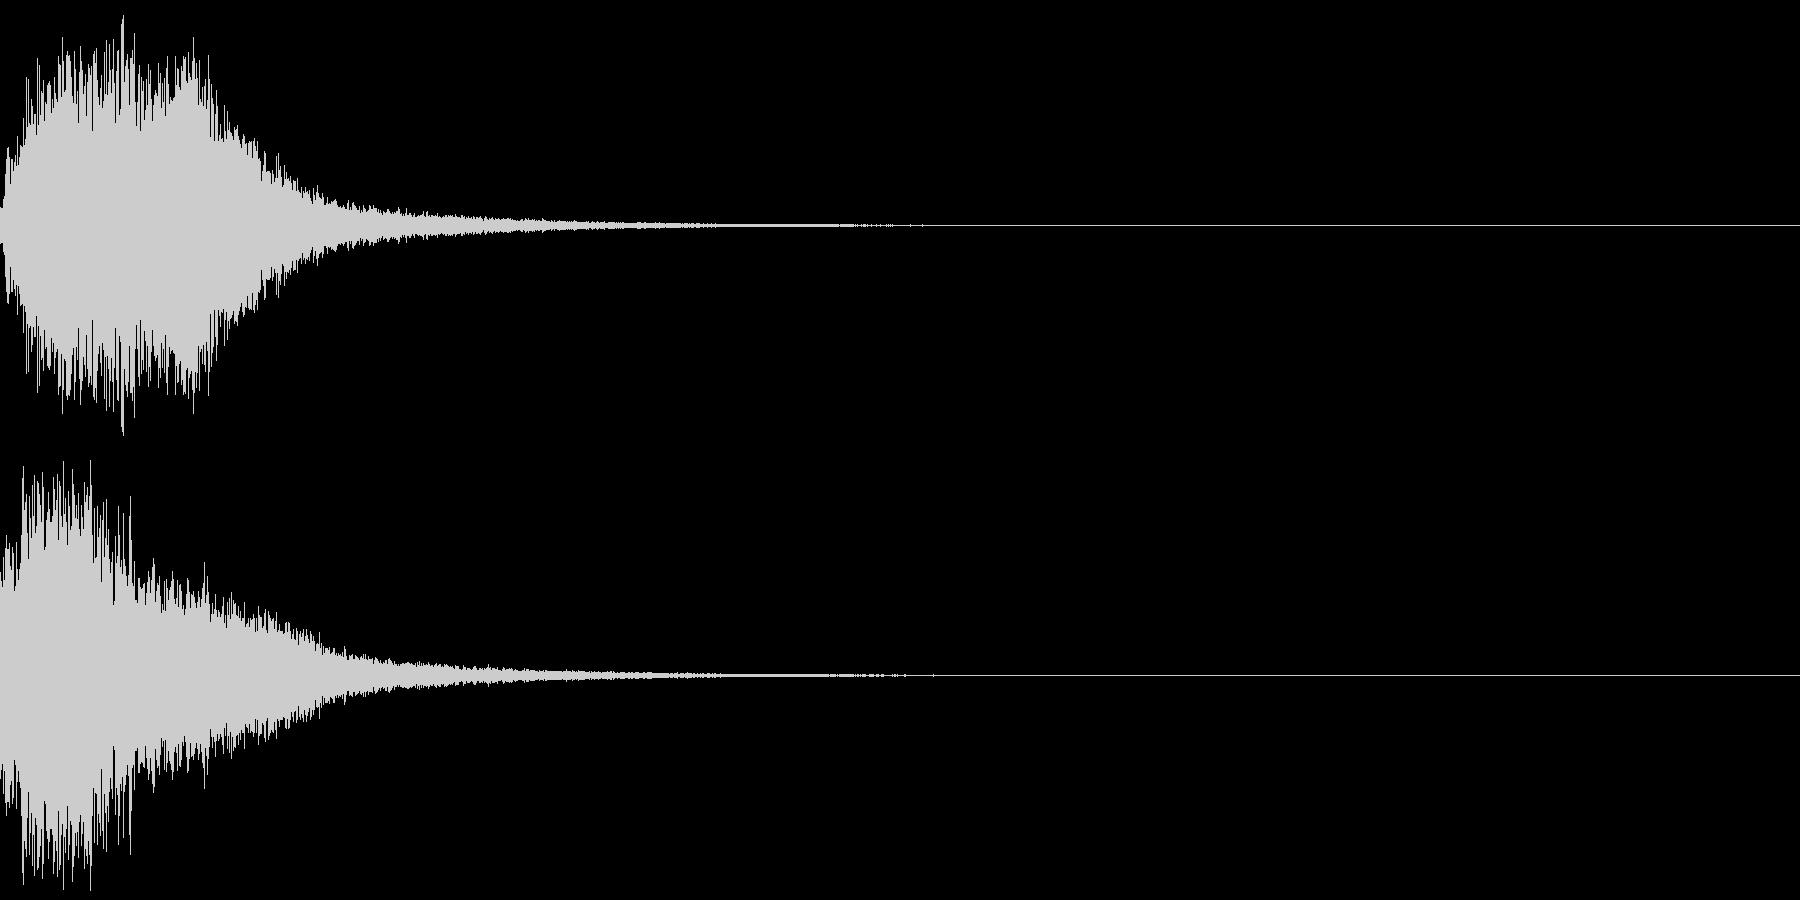 シャキーン(魔法、星、光の輝きに)6BVの未再生の波形